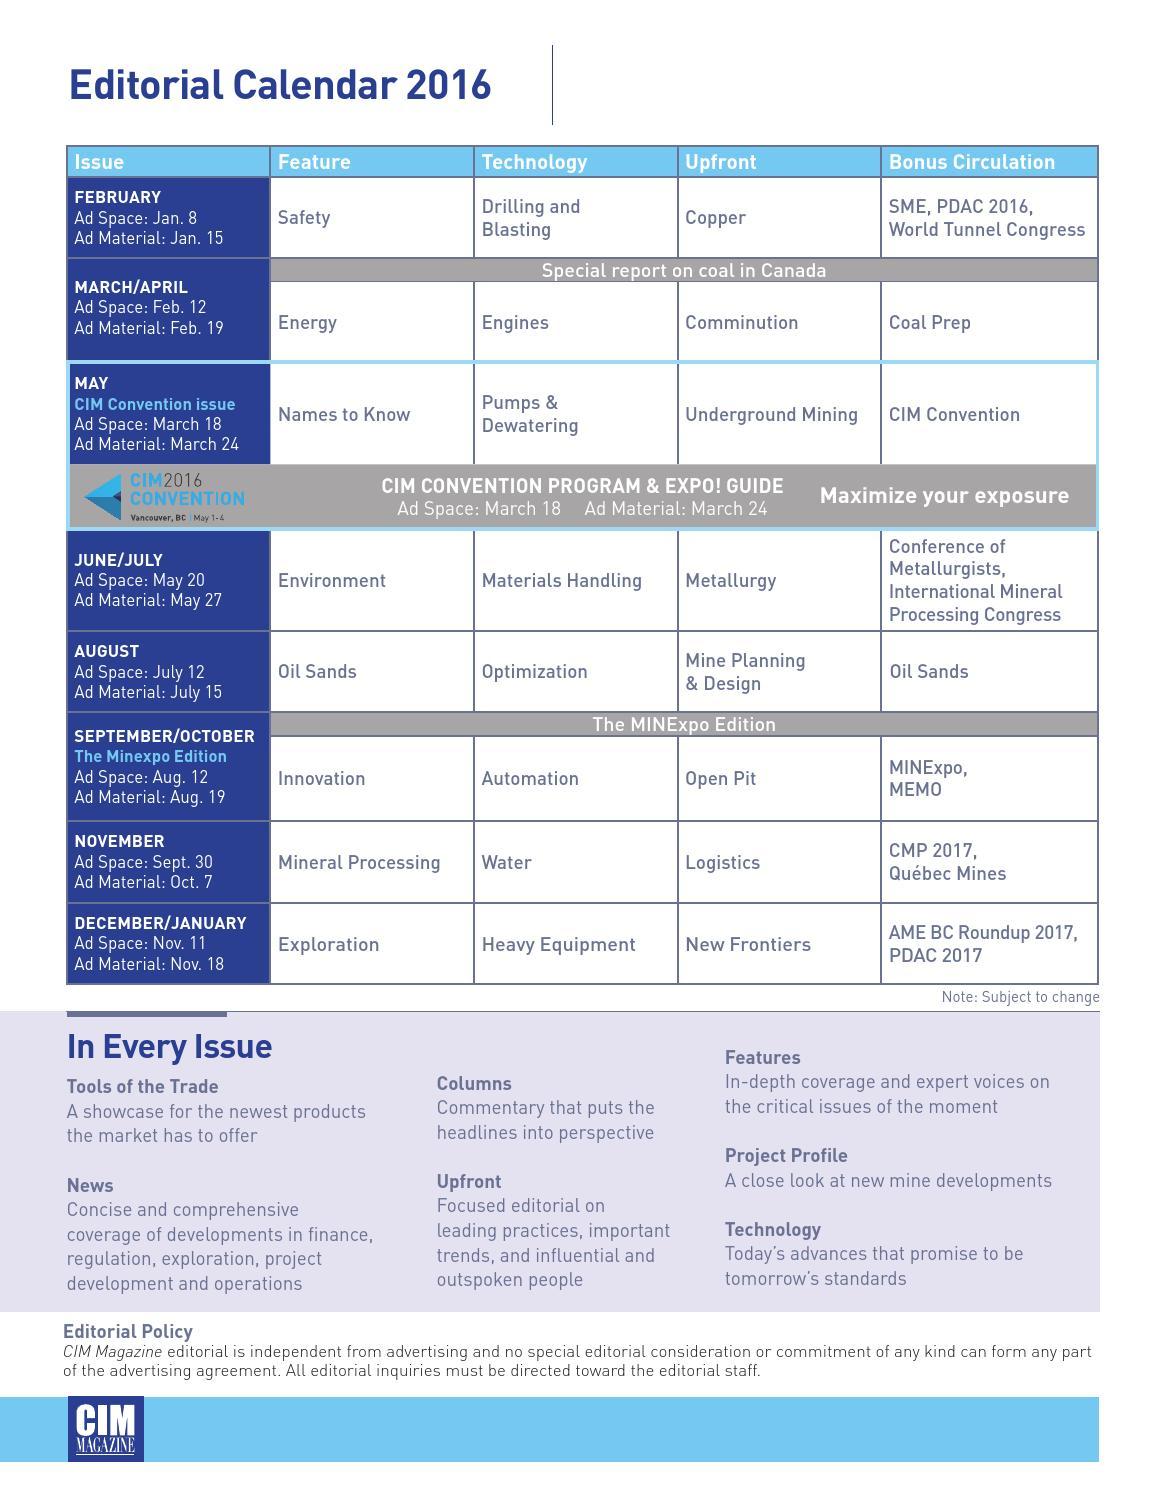 2016 Editorial Calendar & Rate Cardcim-Icm Publications